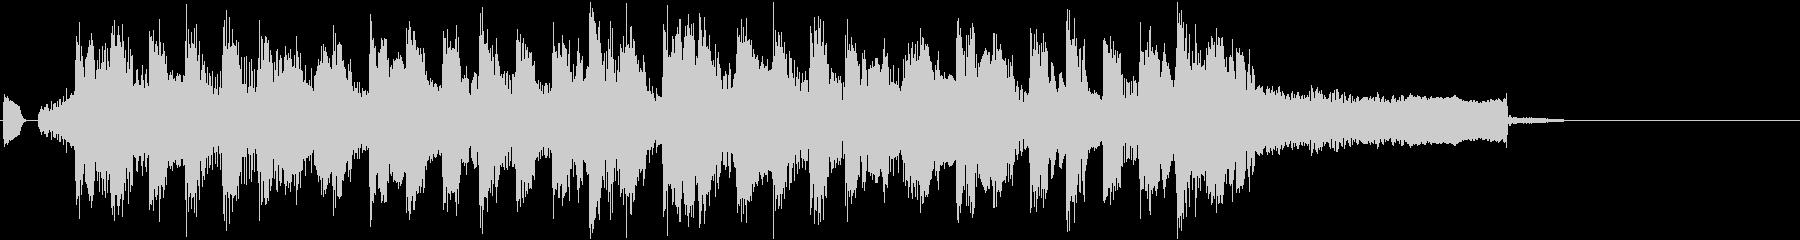 ジングル/コミカル/陽気/ポップの未再生の波形